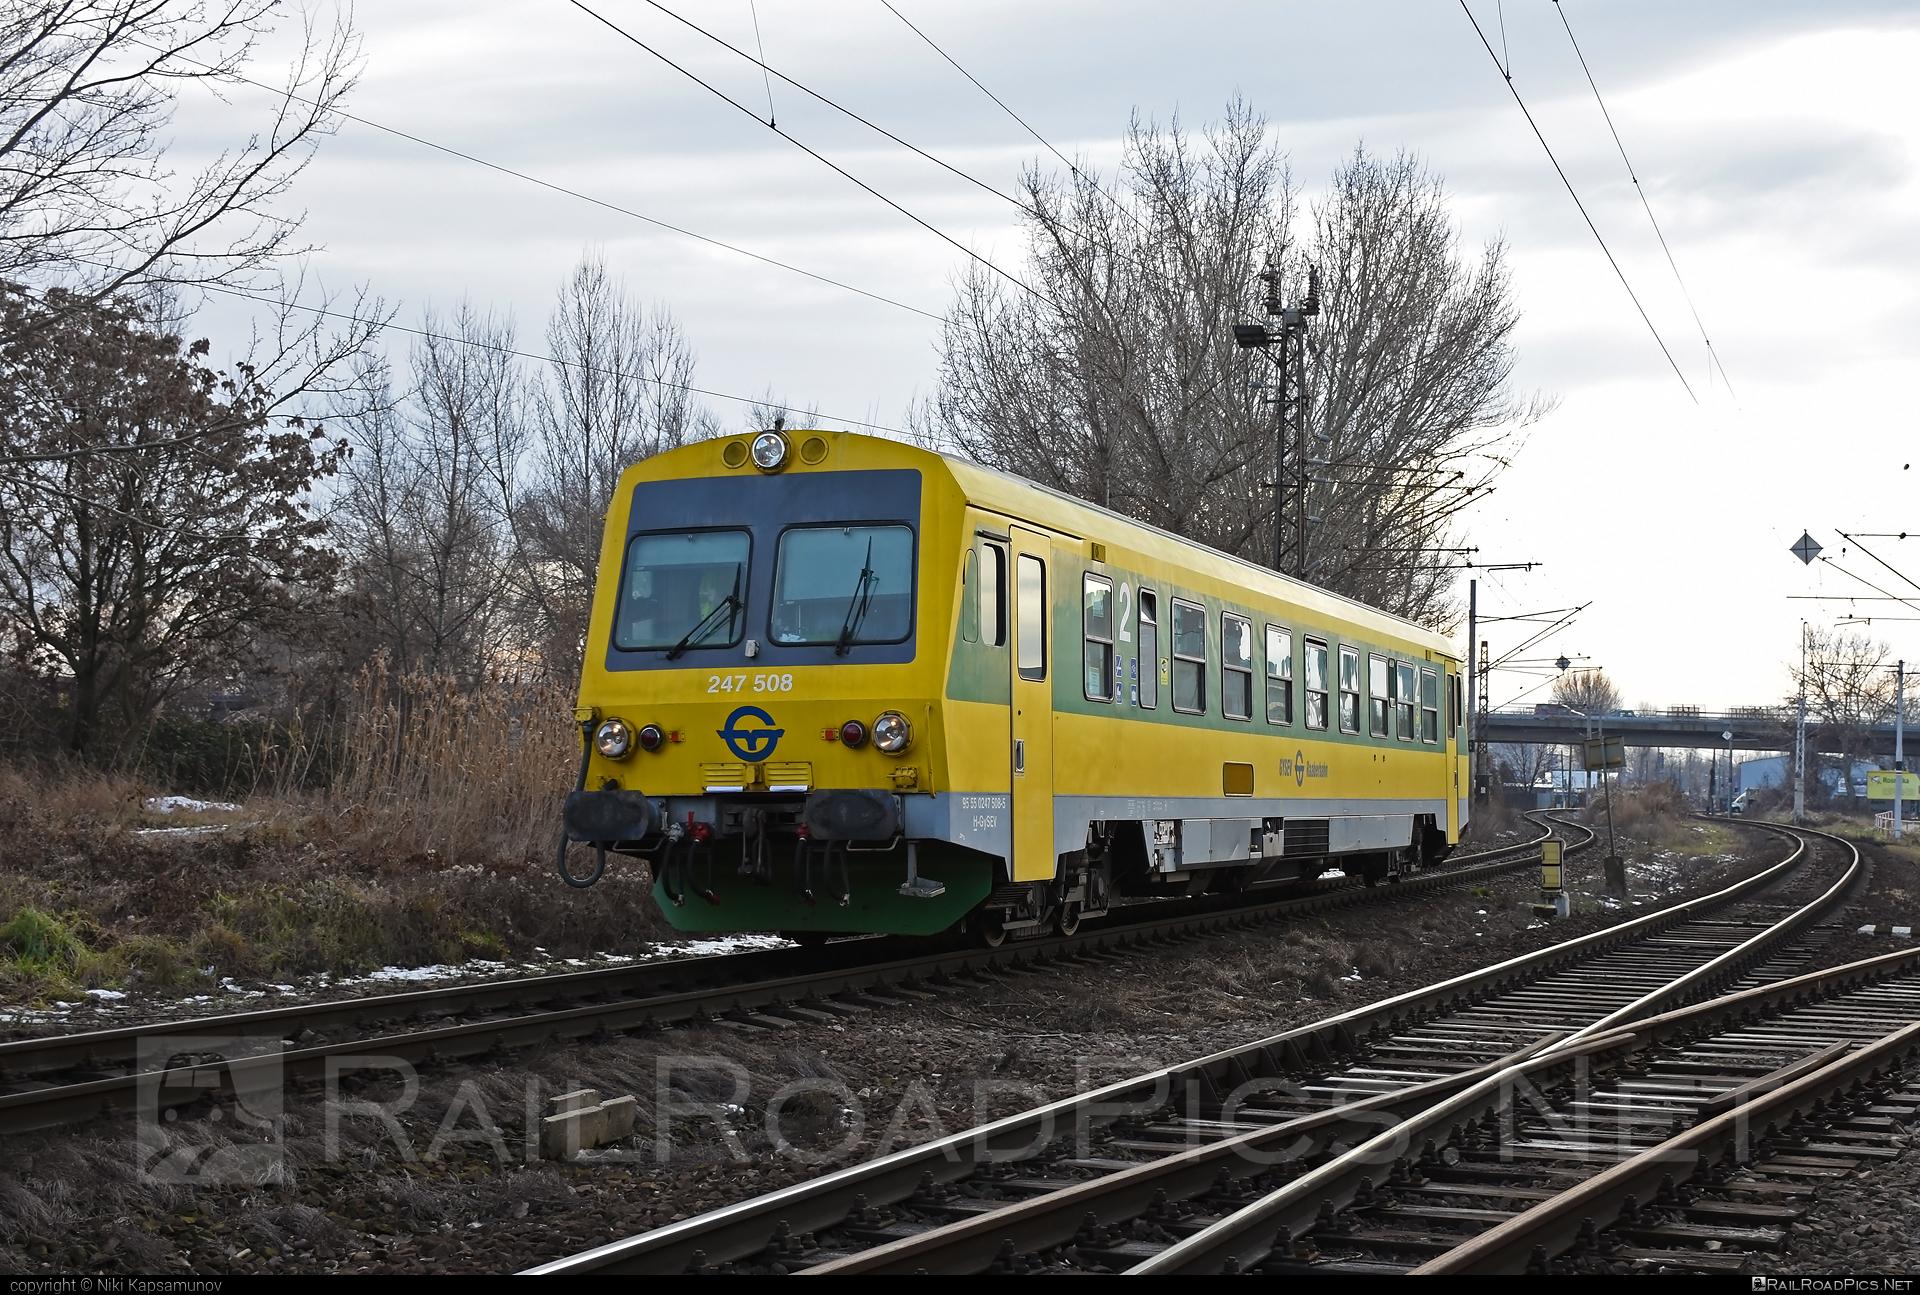 Jenbacher J3995 - 247 508 operated by GYSEV - Györ-Sopron-Ebenfurti Vasut Részvénytarsasag #gyorsopronebenfurtivasutreszvenytarsasag #gysev #jenbacher #jenbacherj3995